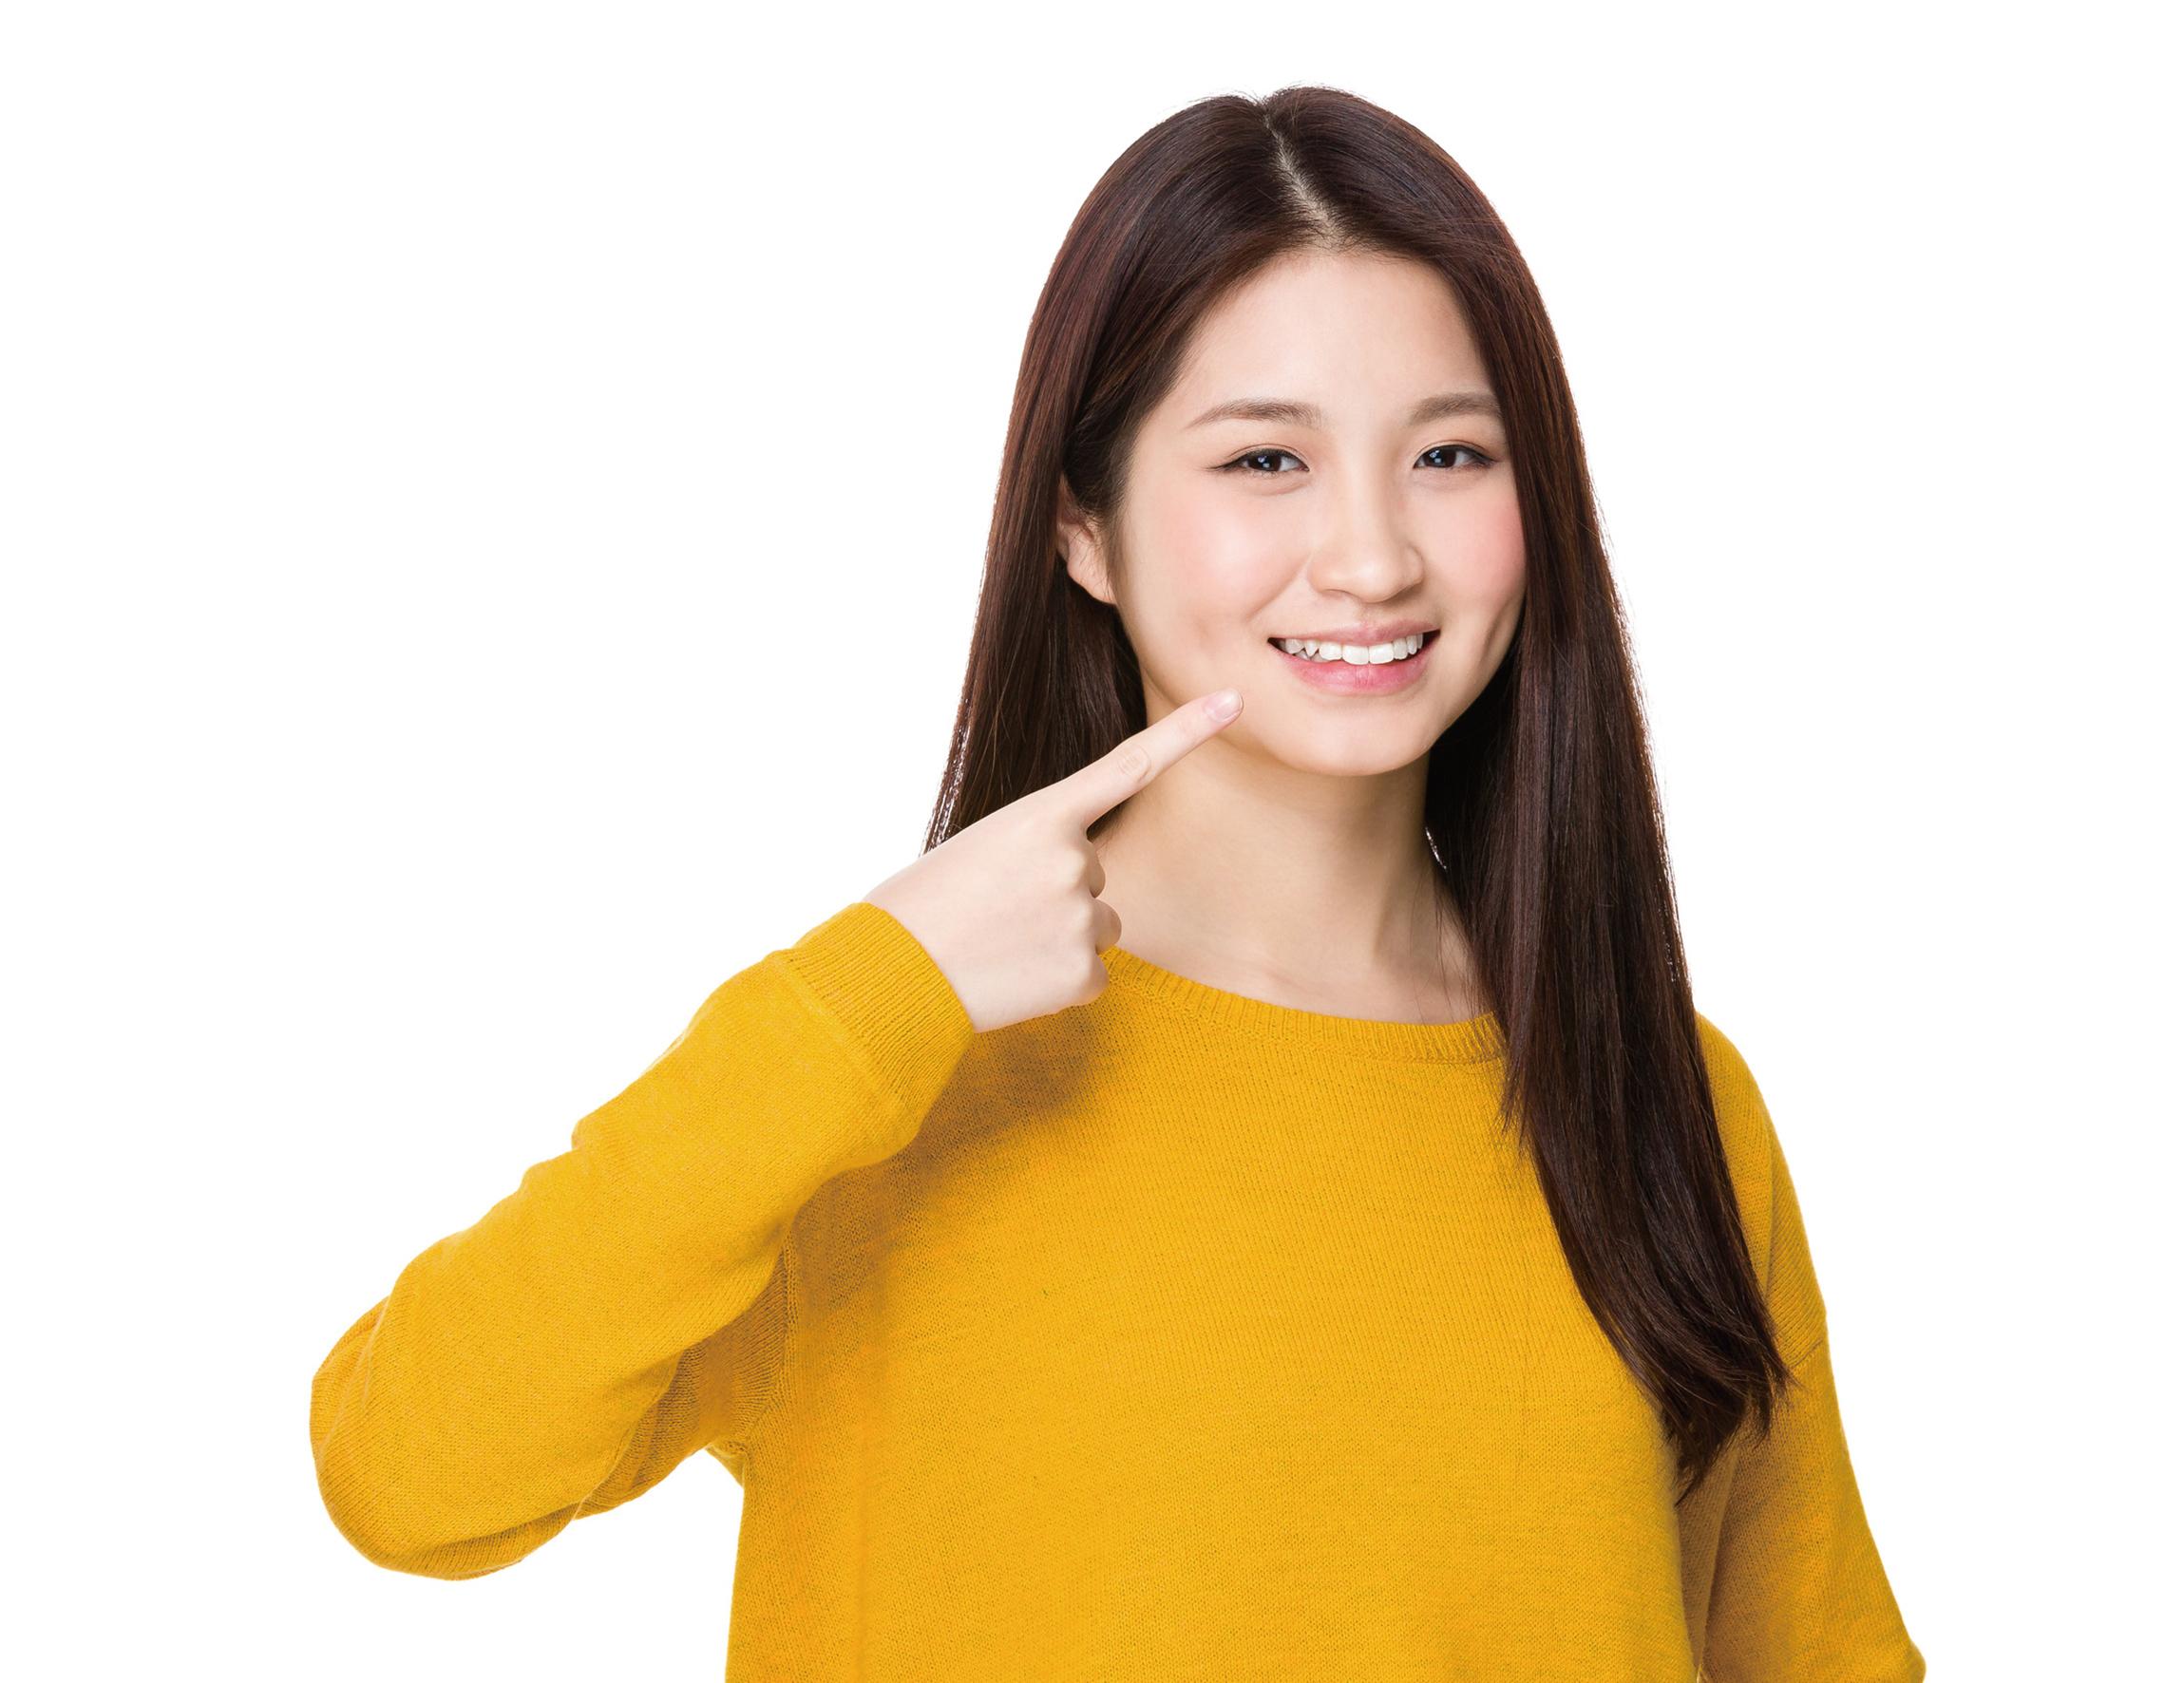 擺脫牙痛敏感困擾 「牙泰寶」讓笑容更自信